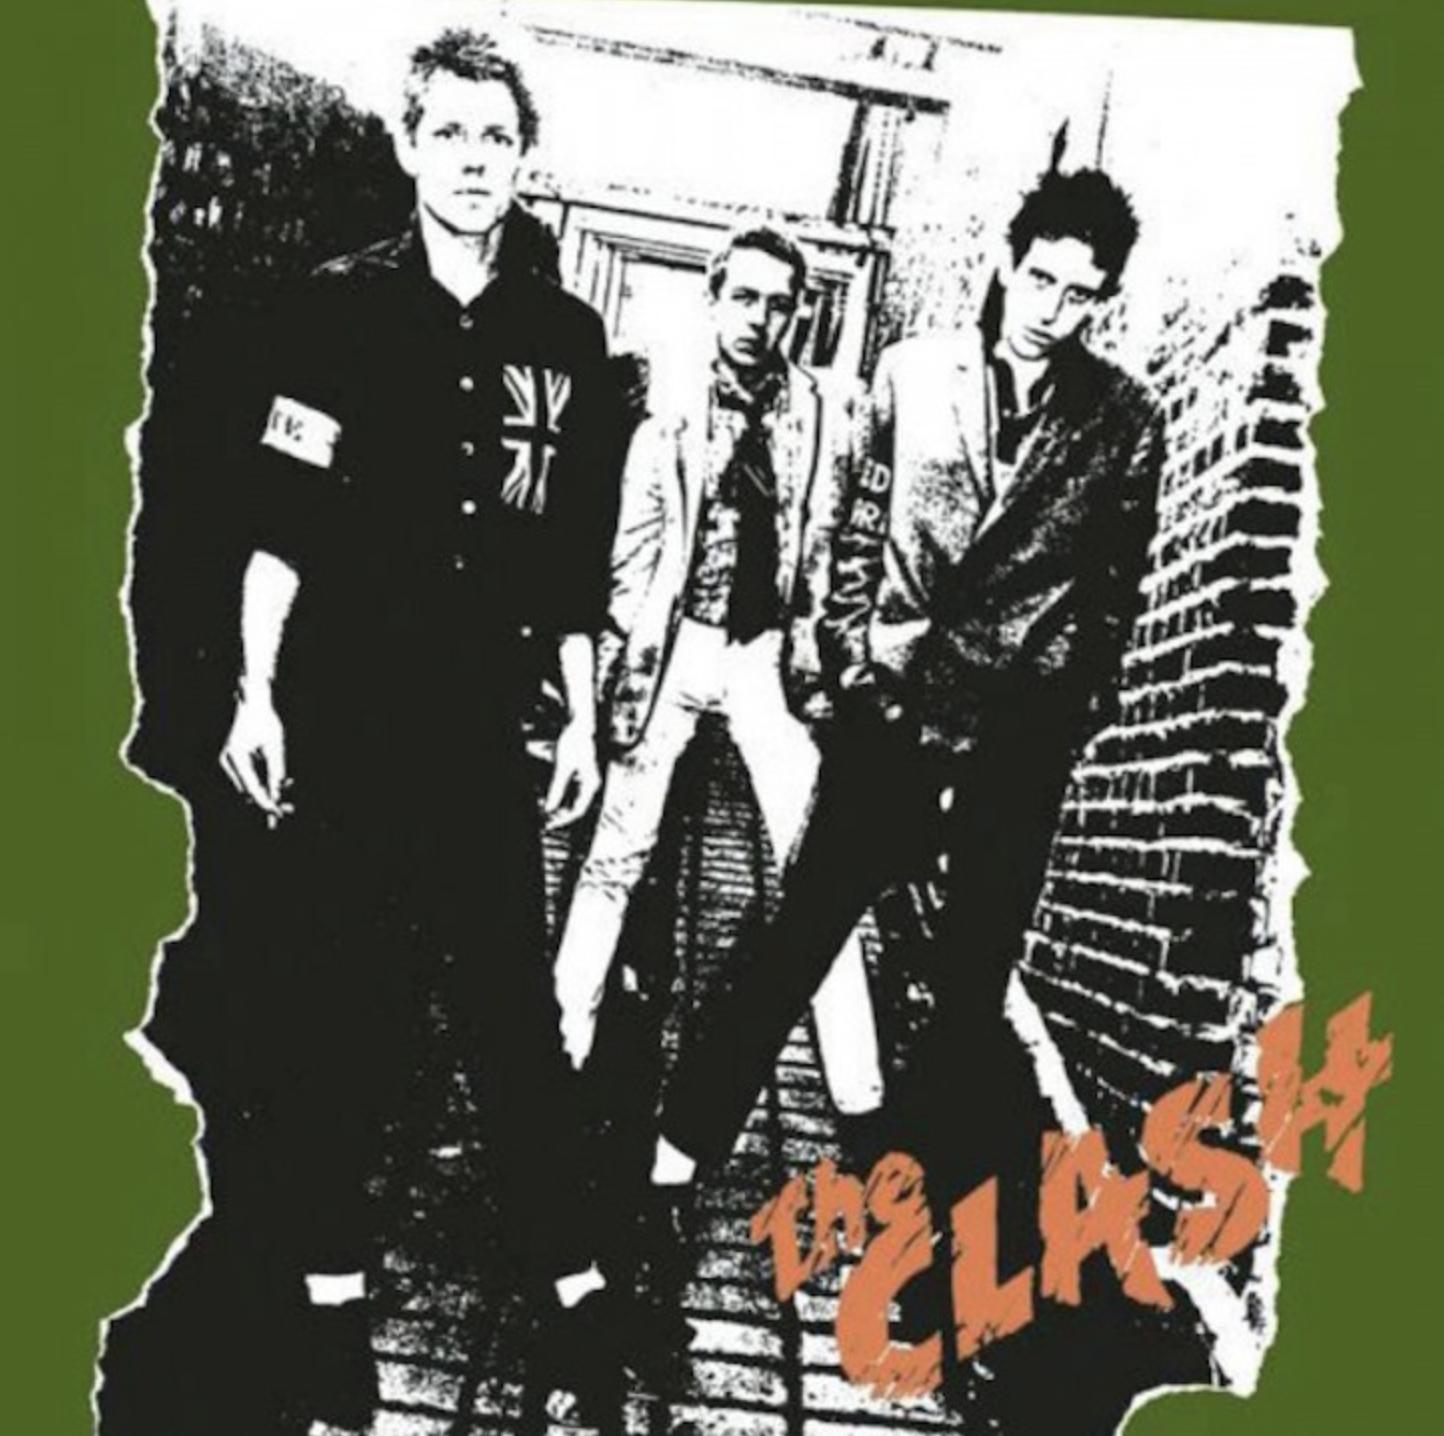 THE CLASH ALBUM COVER